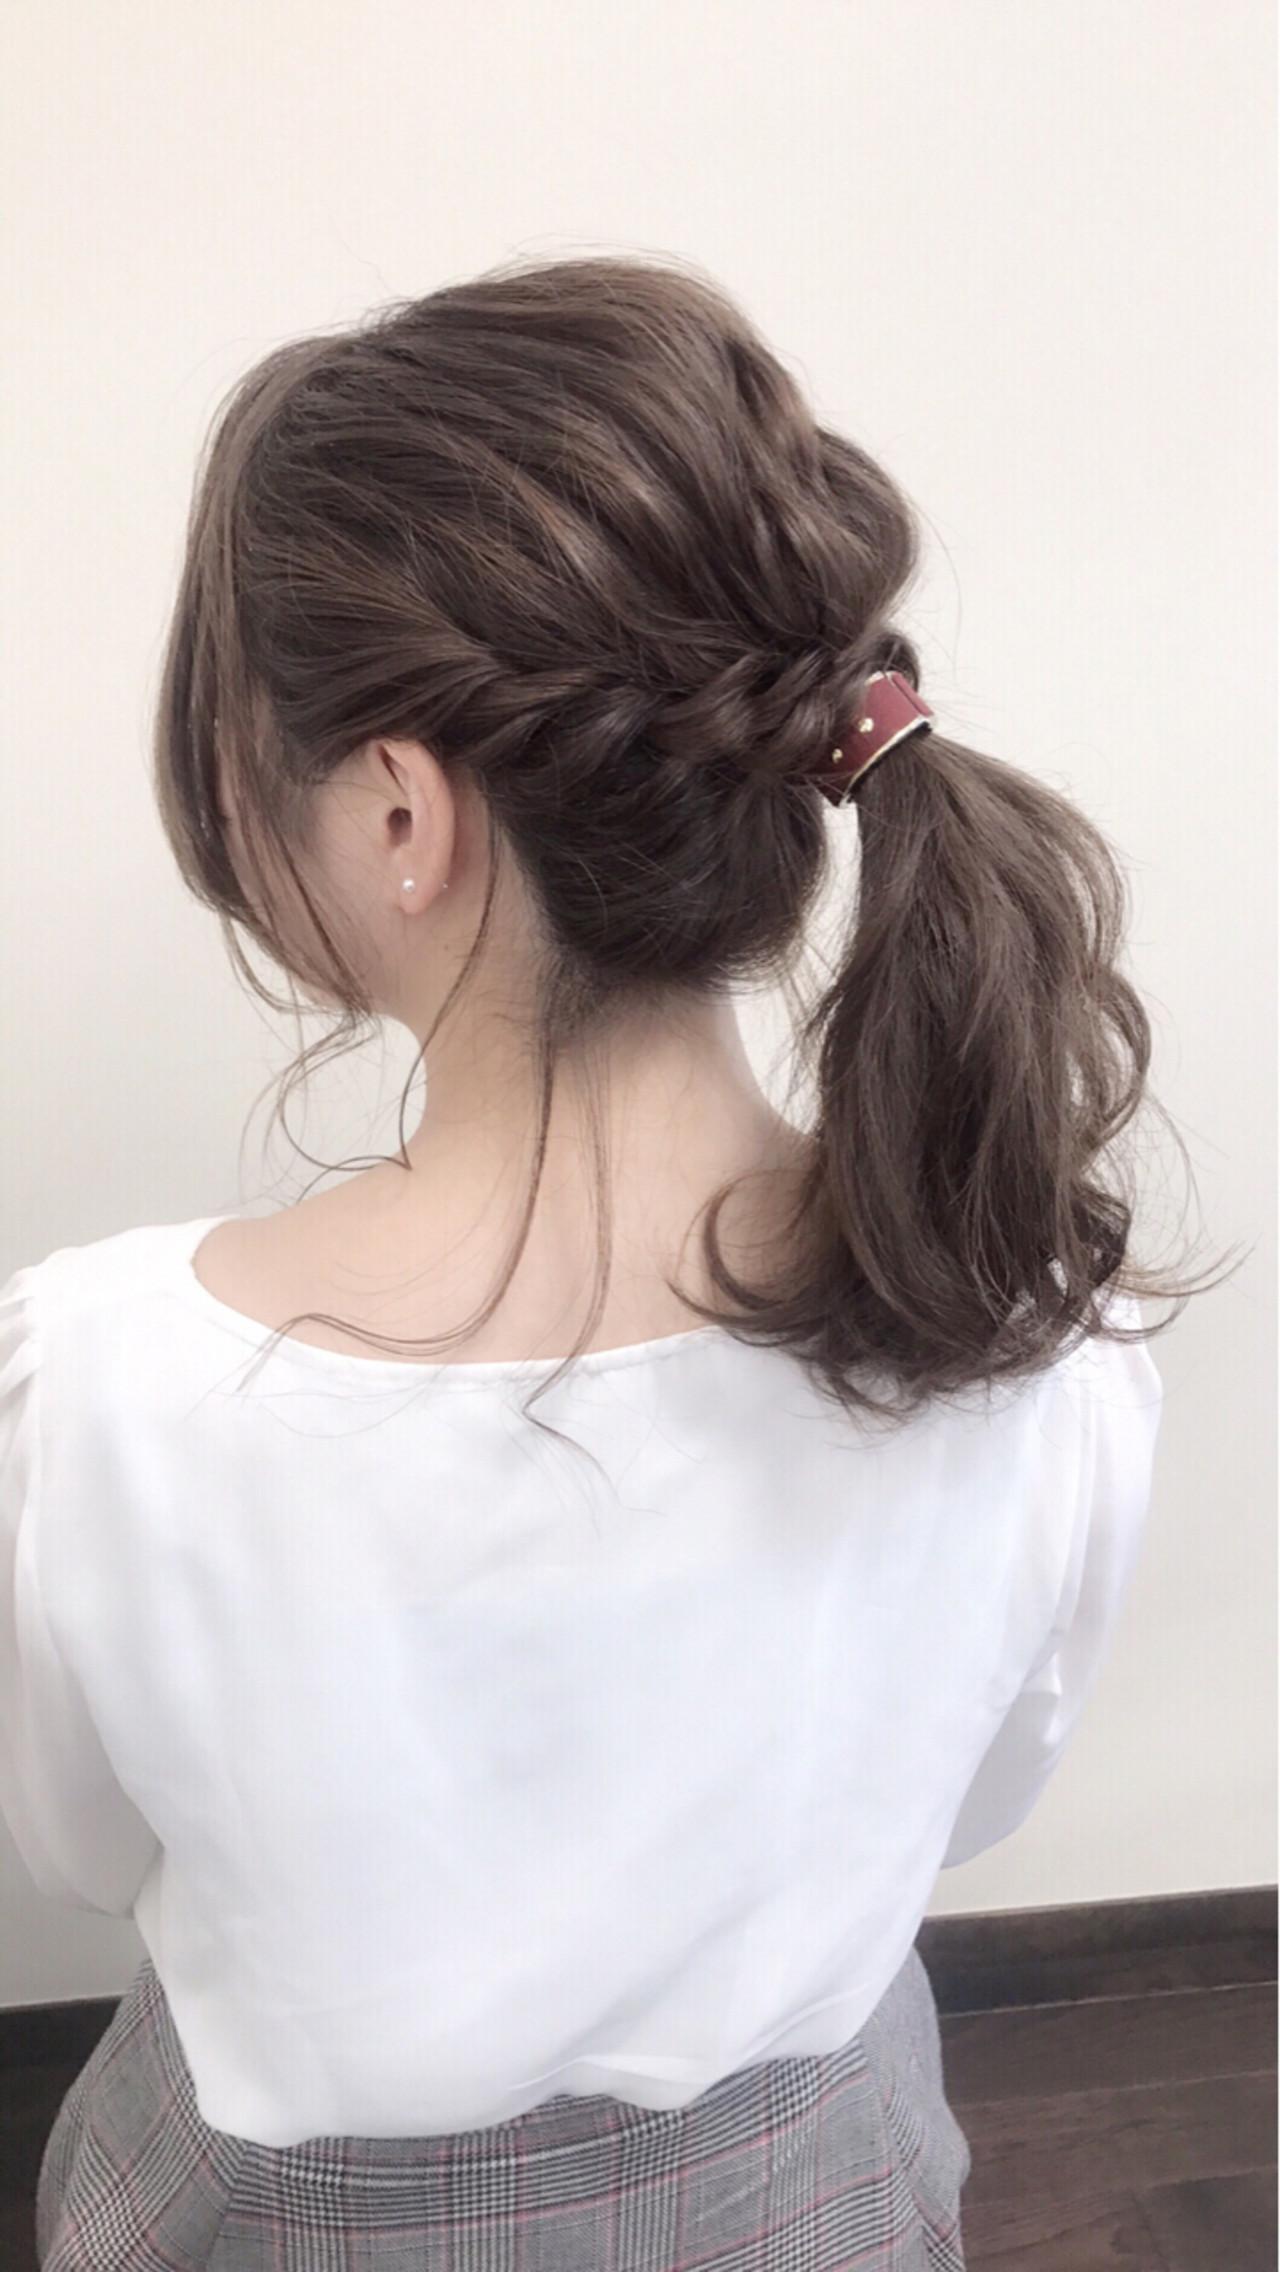 ポニーテールの根元にぴったりのテールクリップ 沢田 瞳